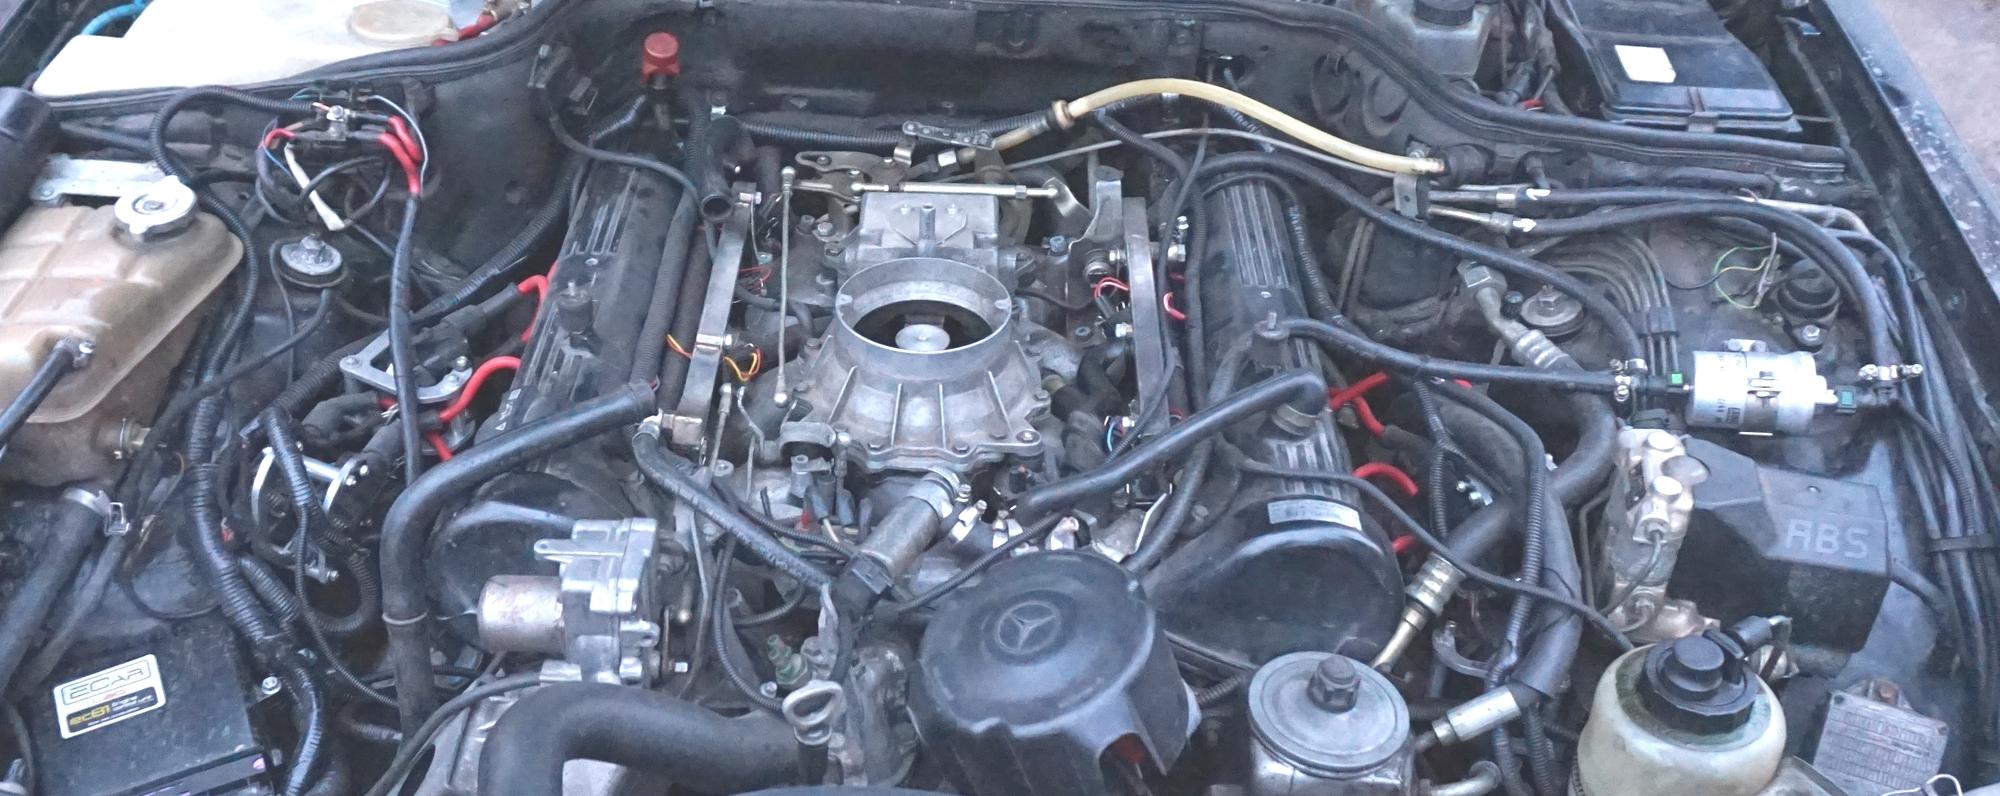 Установка фильтра с РДТ ECar lab на Mercedes 126 M117 5.6